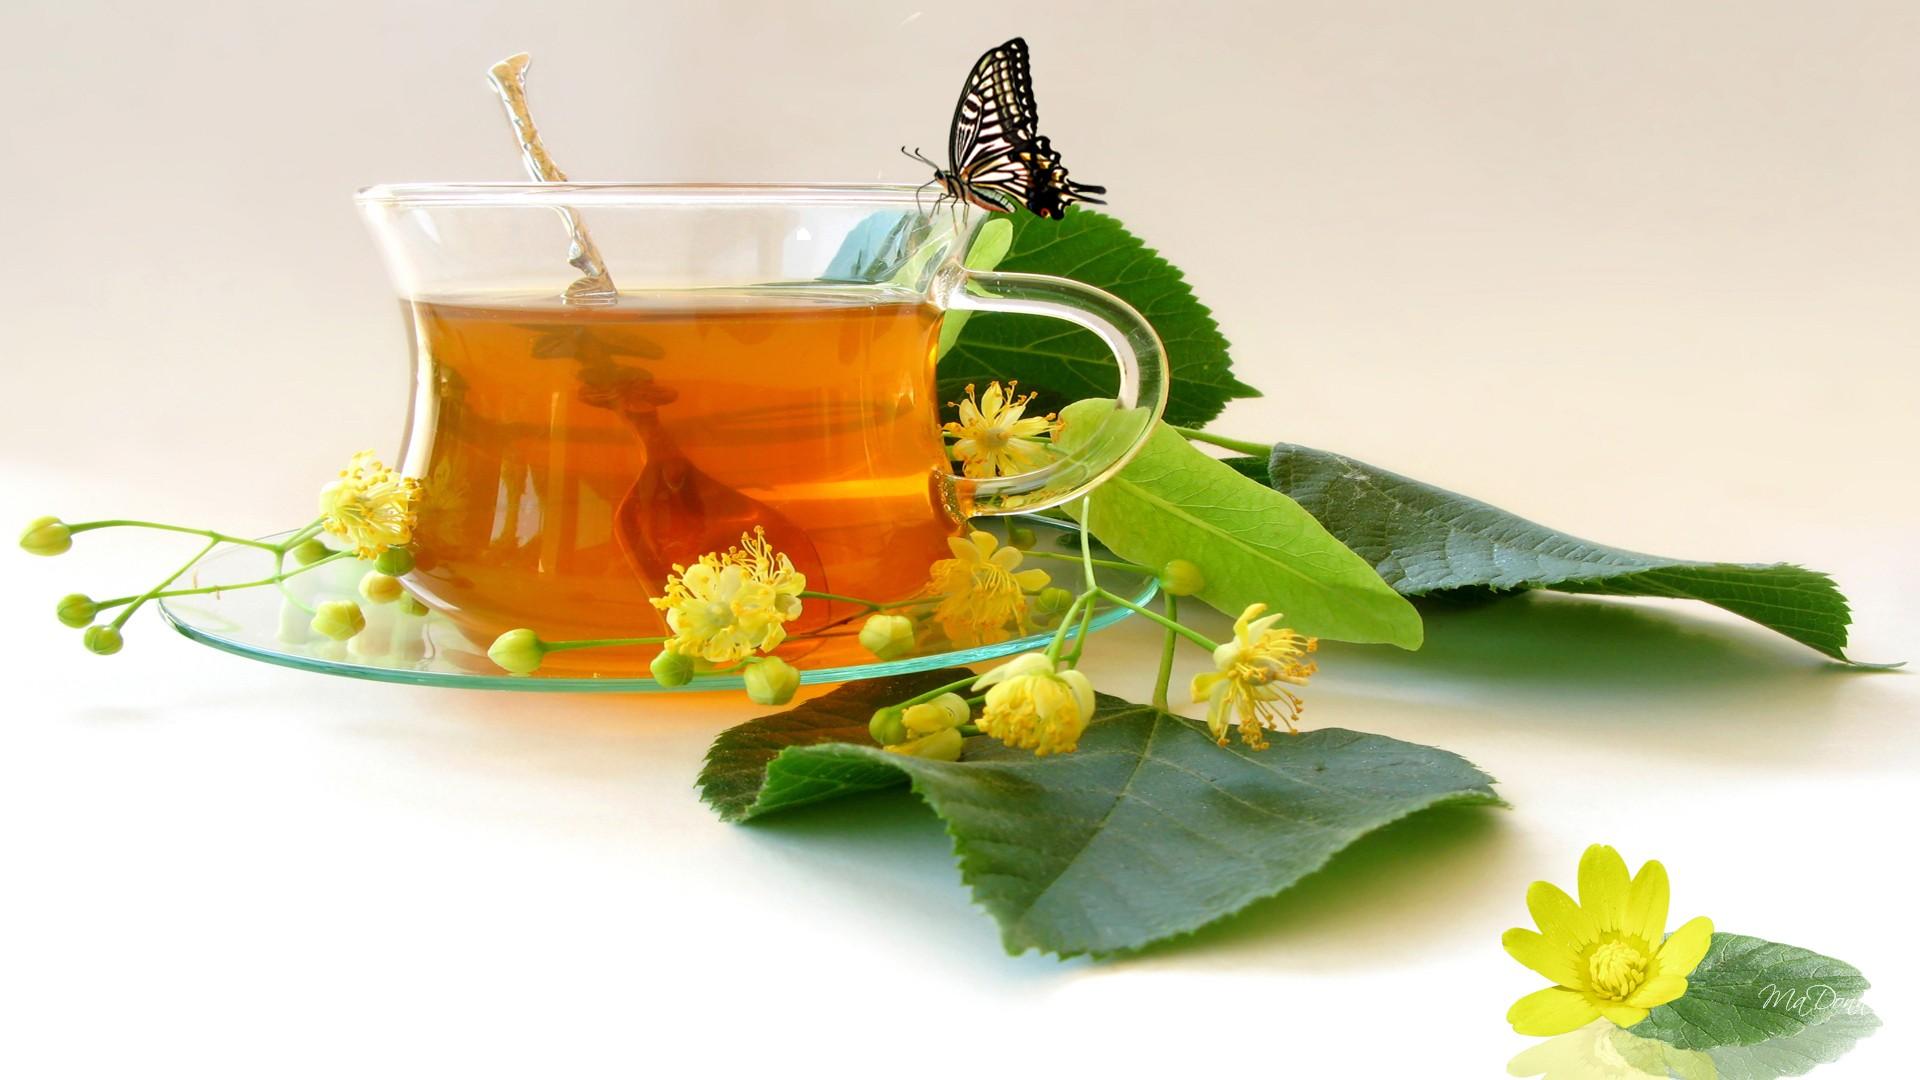 Cup of Tea wallpaper   ForWallpapercom 1920x1080